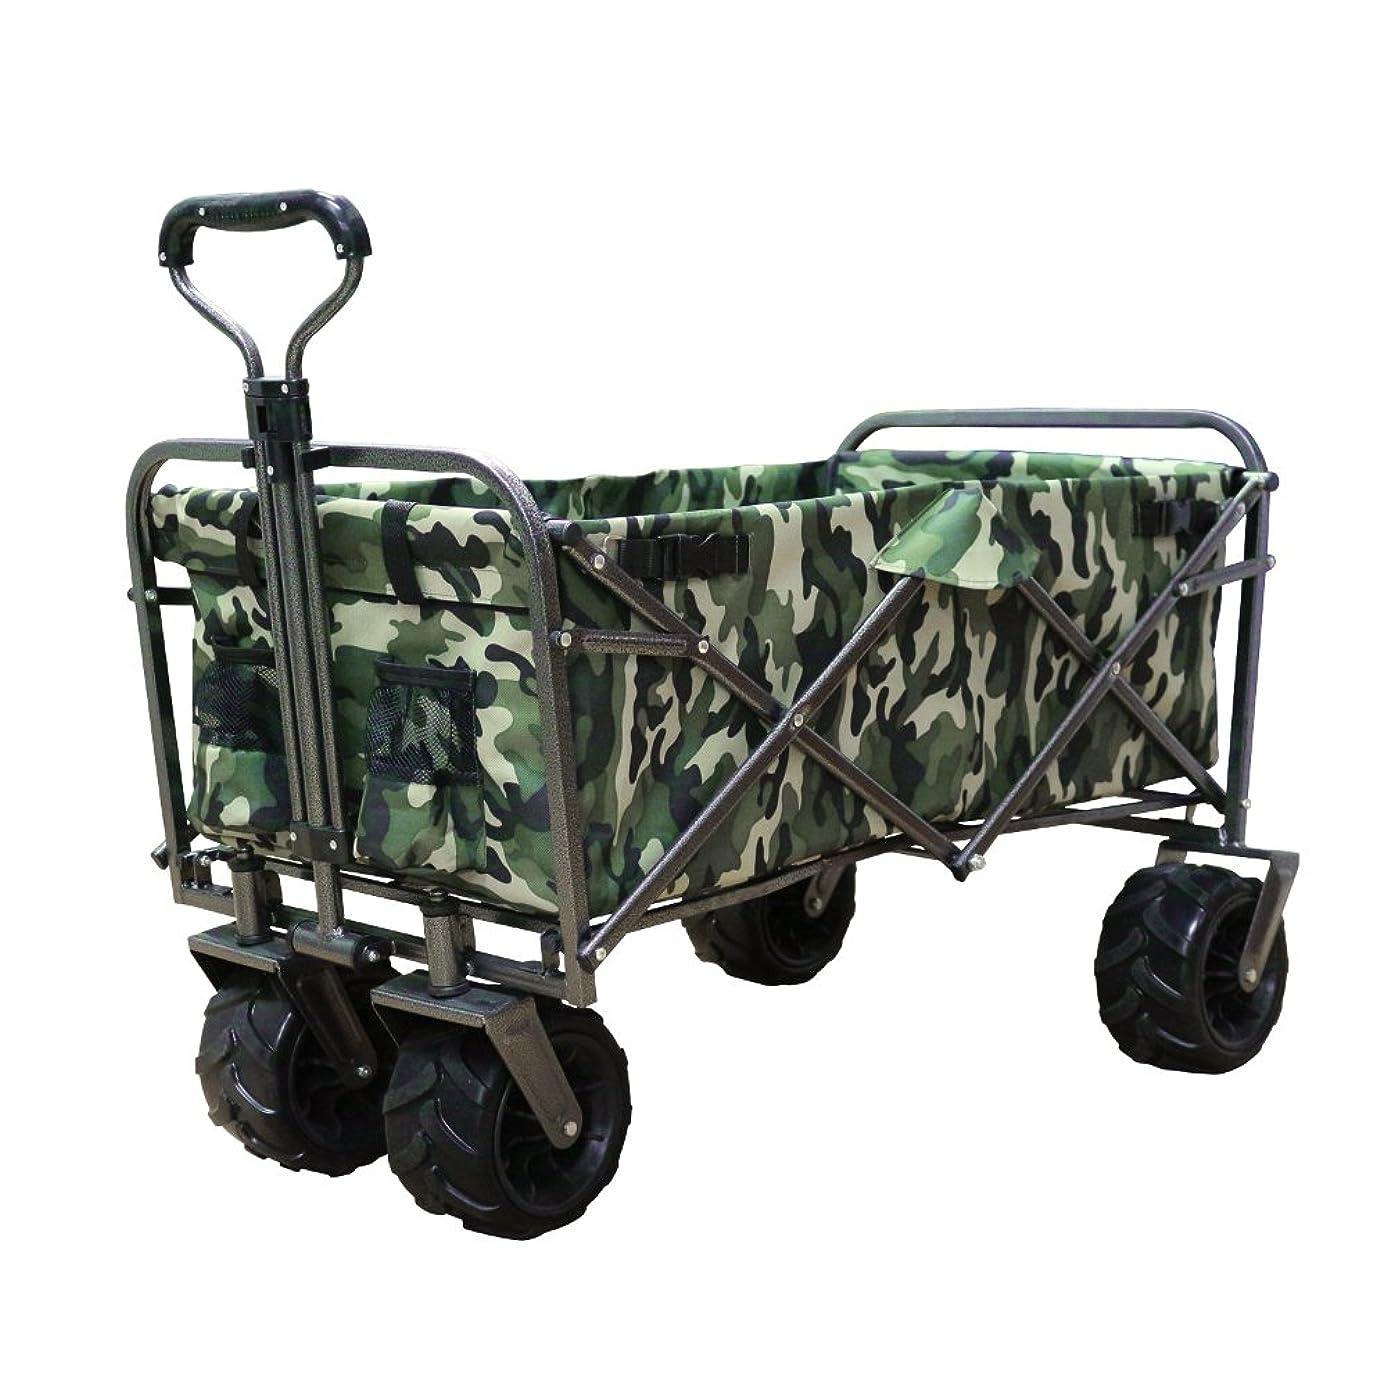 柔らかいベアリングルネッサンスDABADA(ダバダ) キャリーカート 耐荷重150kg 容量95L アウトドアワゴン 折りたたみ 軽量 大型タイヤ 4輪